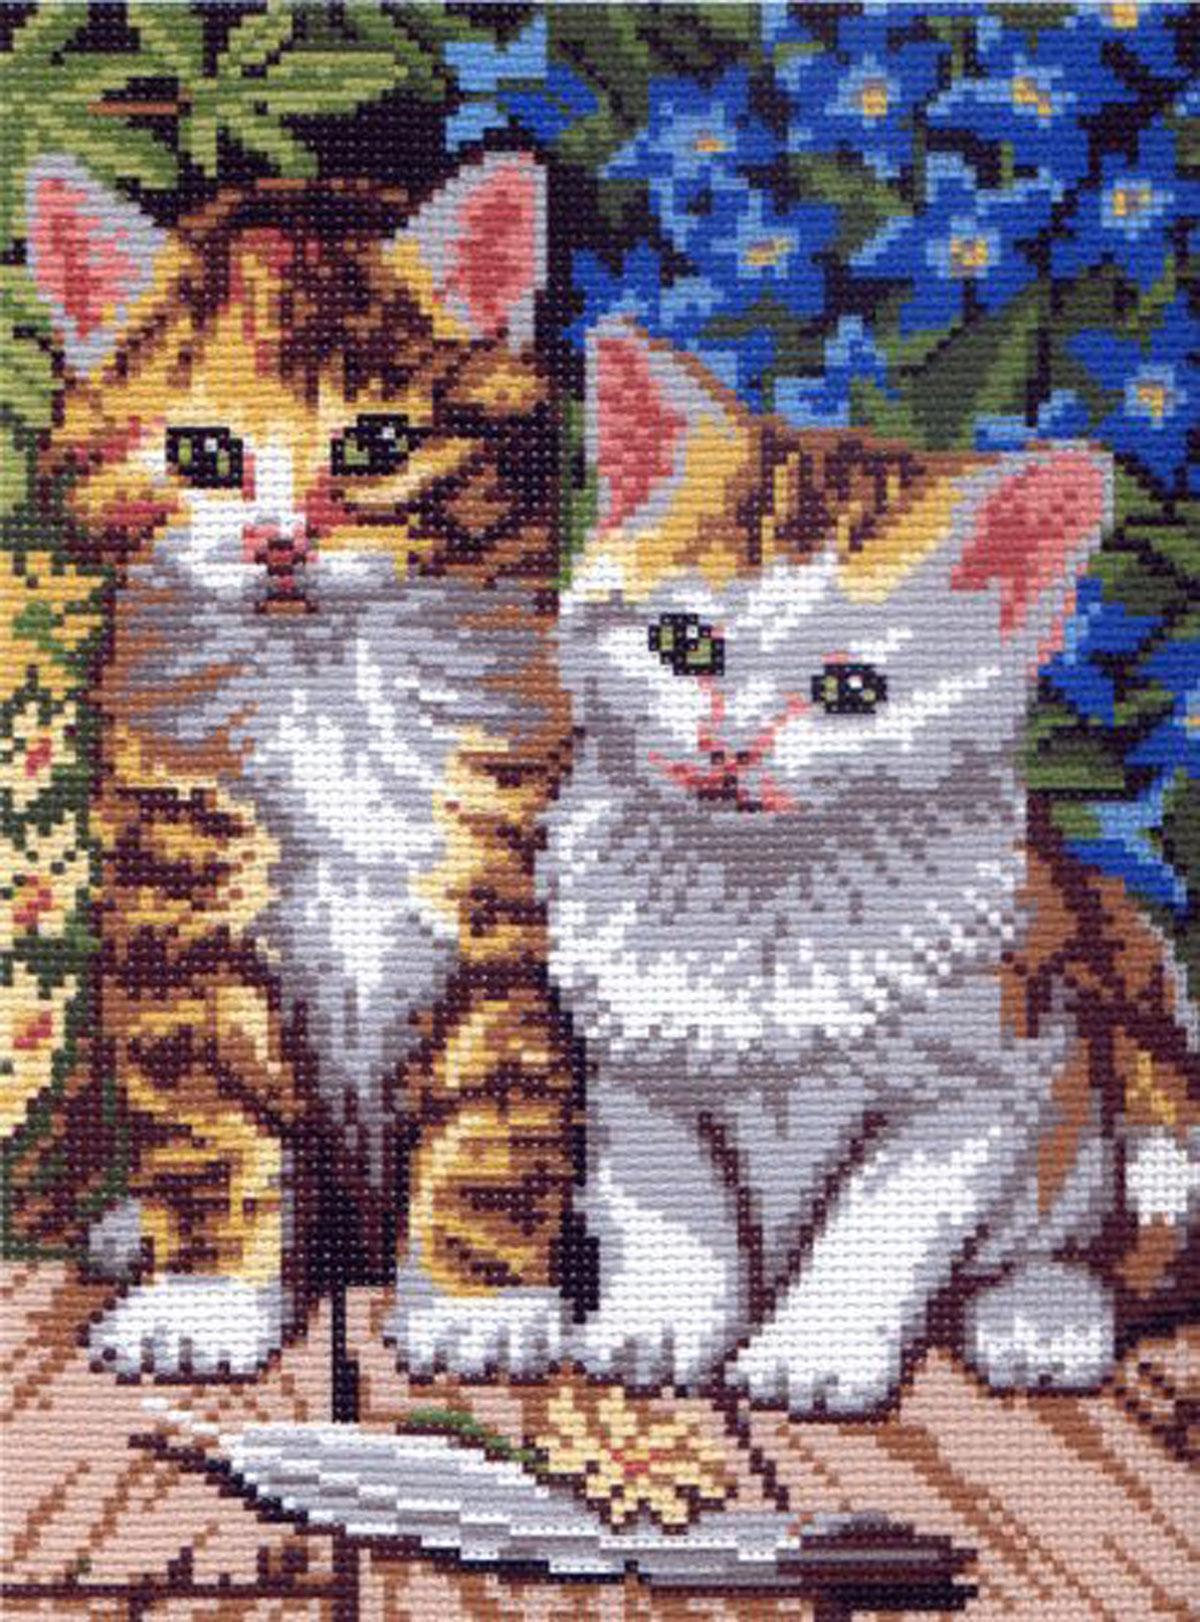 Канва с рисунком для вышивания Мурзики, 24 см х 17,5 см551247Канва с рисунком для вышивания Мурзики изготовлена из хлопка. Рисунок-вышивка выполненный на такой канве, выглядит очень оригинально. Вышивка выполняется в технике полный крестик в 2-3 нити или полукрестом в 4 нити. Вышивание отвлечет вас от повседневных забот и превратится в увлекательное занятие! Работа, сделанная своими руками, создаст особый уют и атмосферу в доме и долгие годы будет радовать вас и ваших близких, а подарок, выполненный собственноручно, станет самым ценным для друзей и знакомых. Рекомендуемое количество цветов: 16 шт. УВАЖАЕМЫЕ КЛИЕНТЫ! Обращаем ваше внимание, на тот факт, что нитки в комплект не входят.